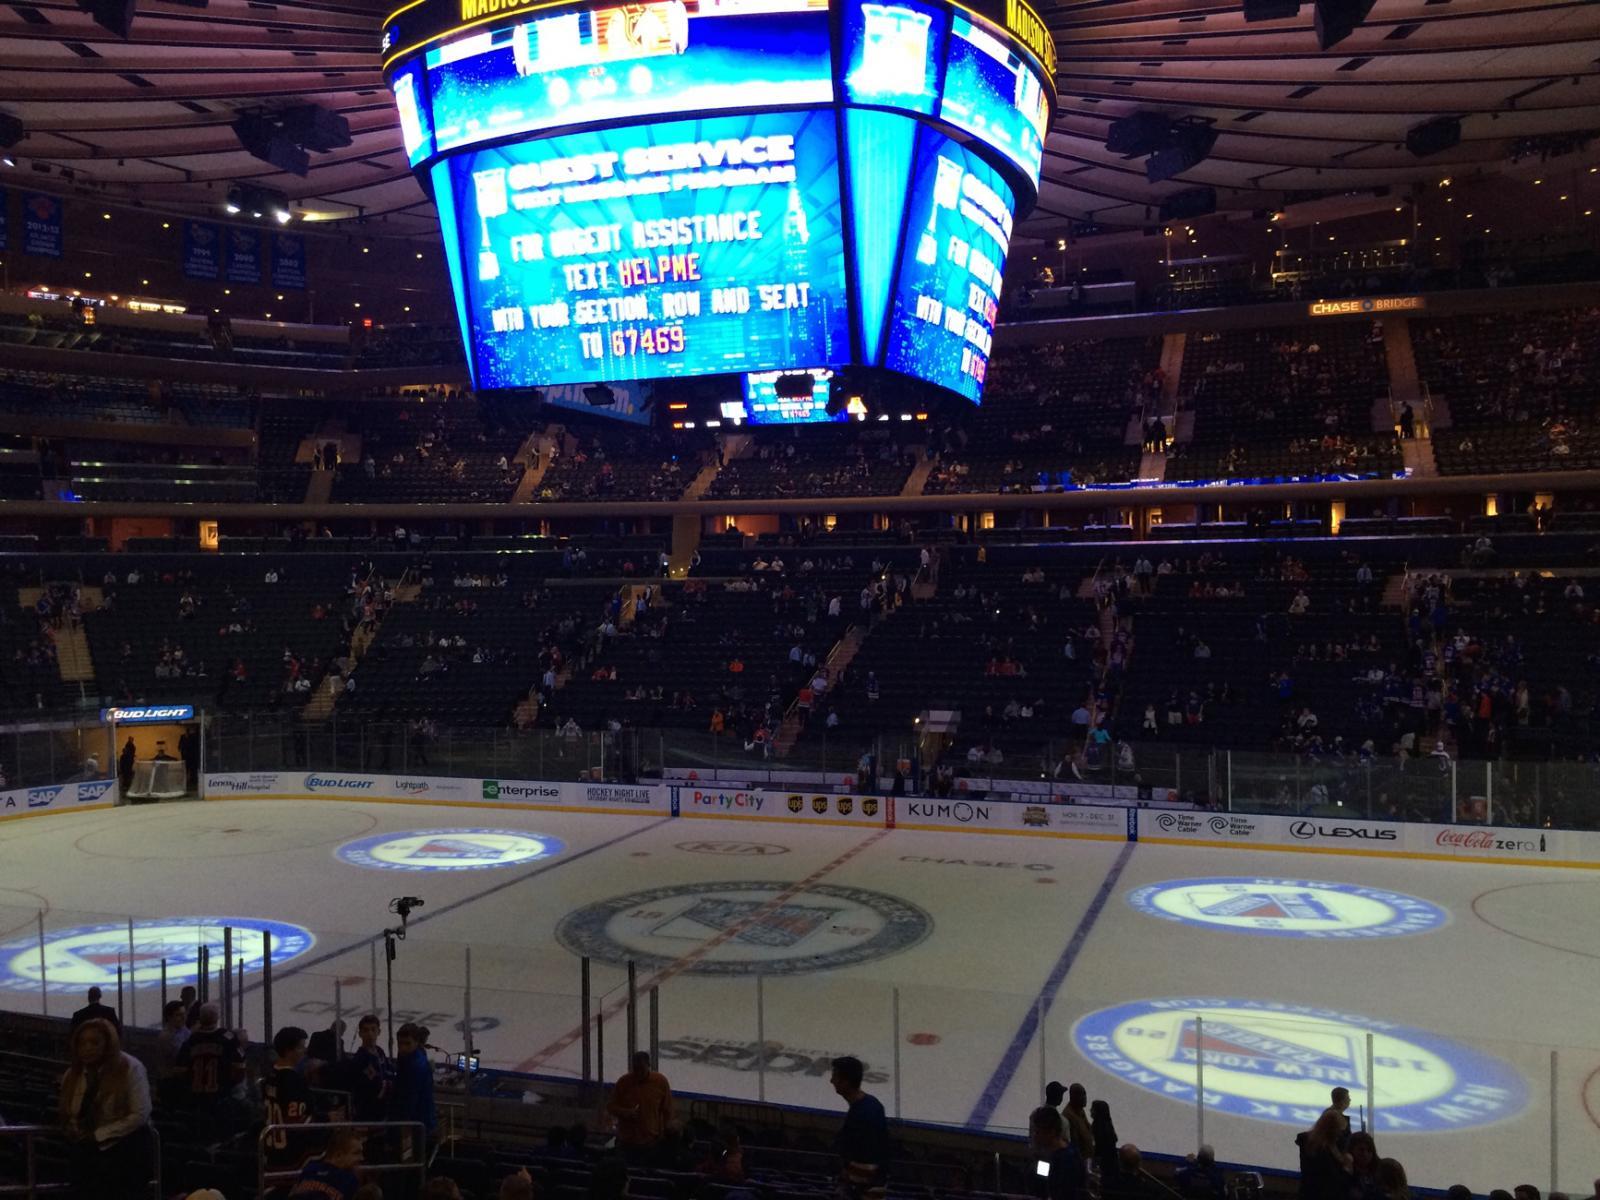 Estadio de los Rangers de Nueva York